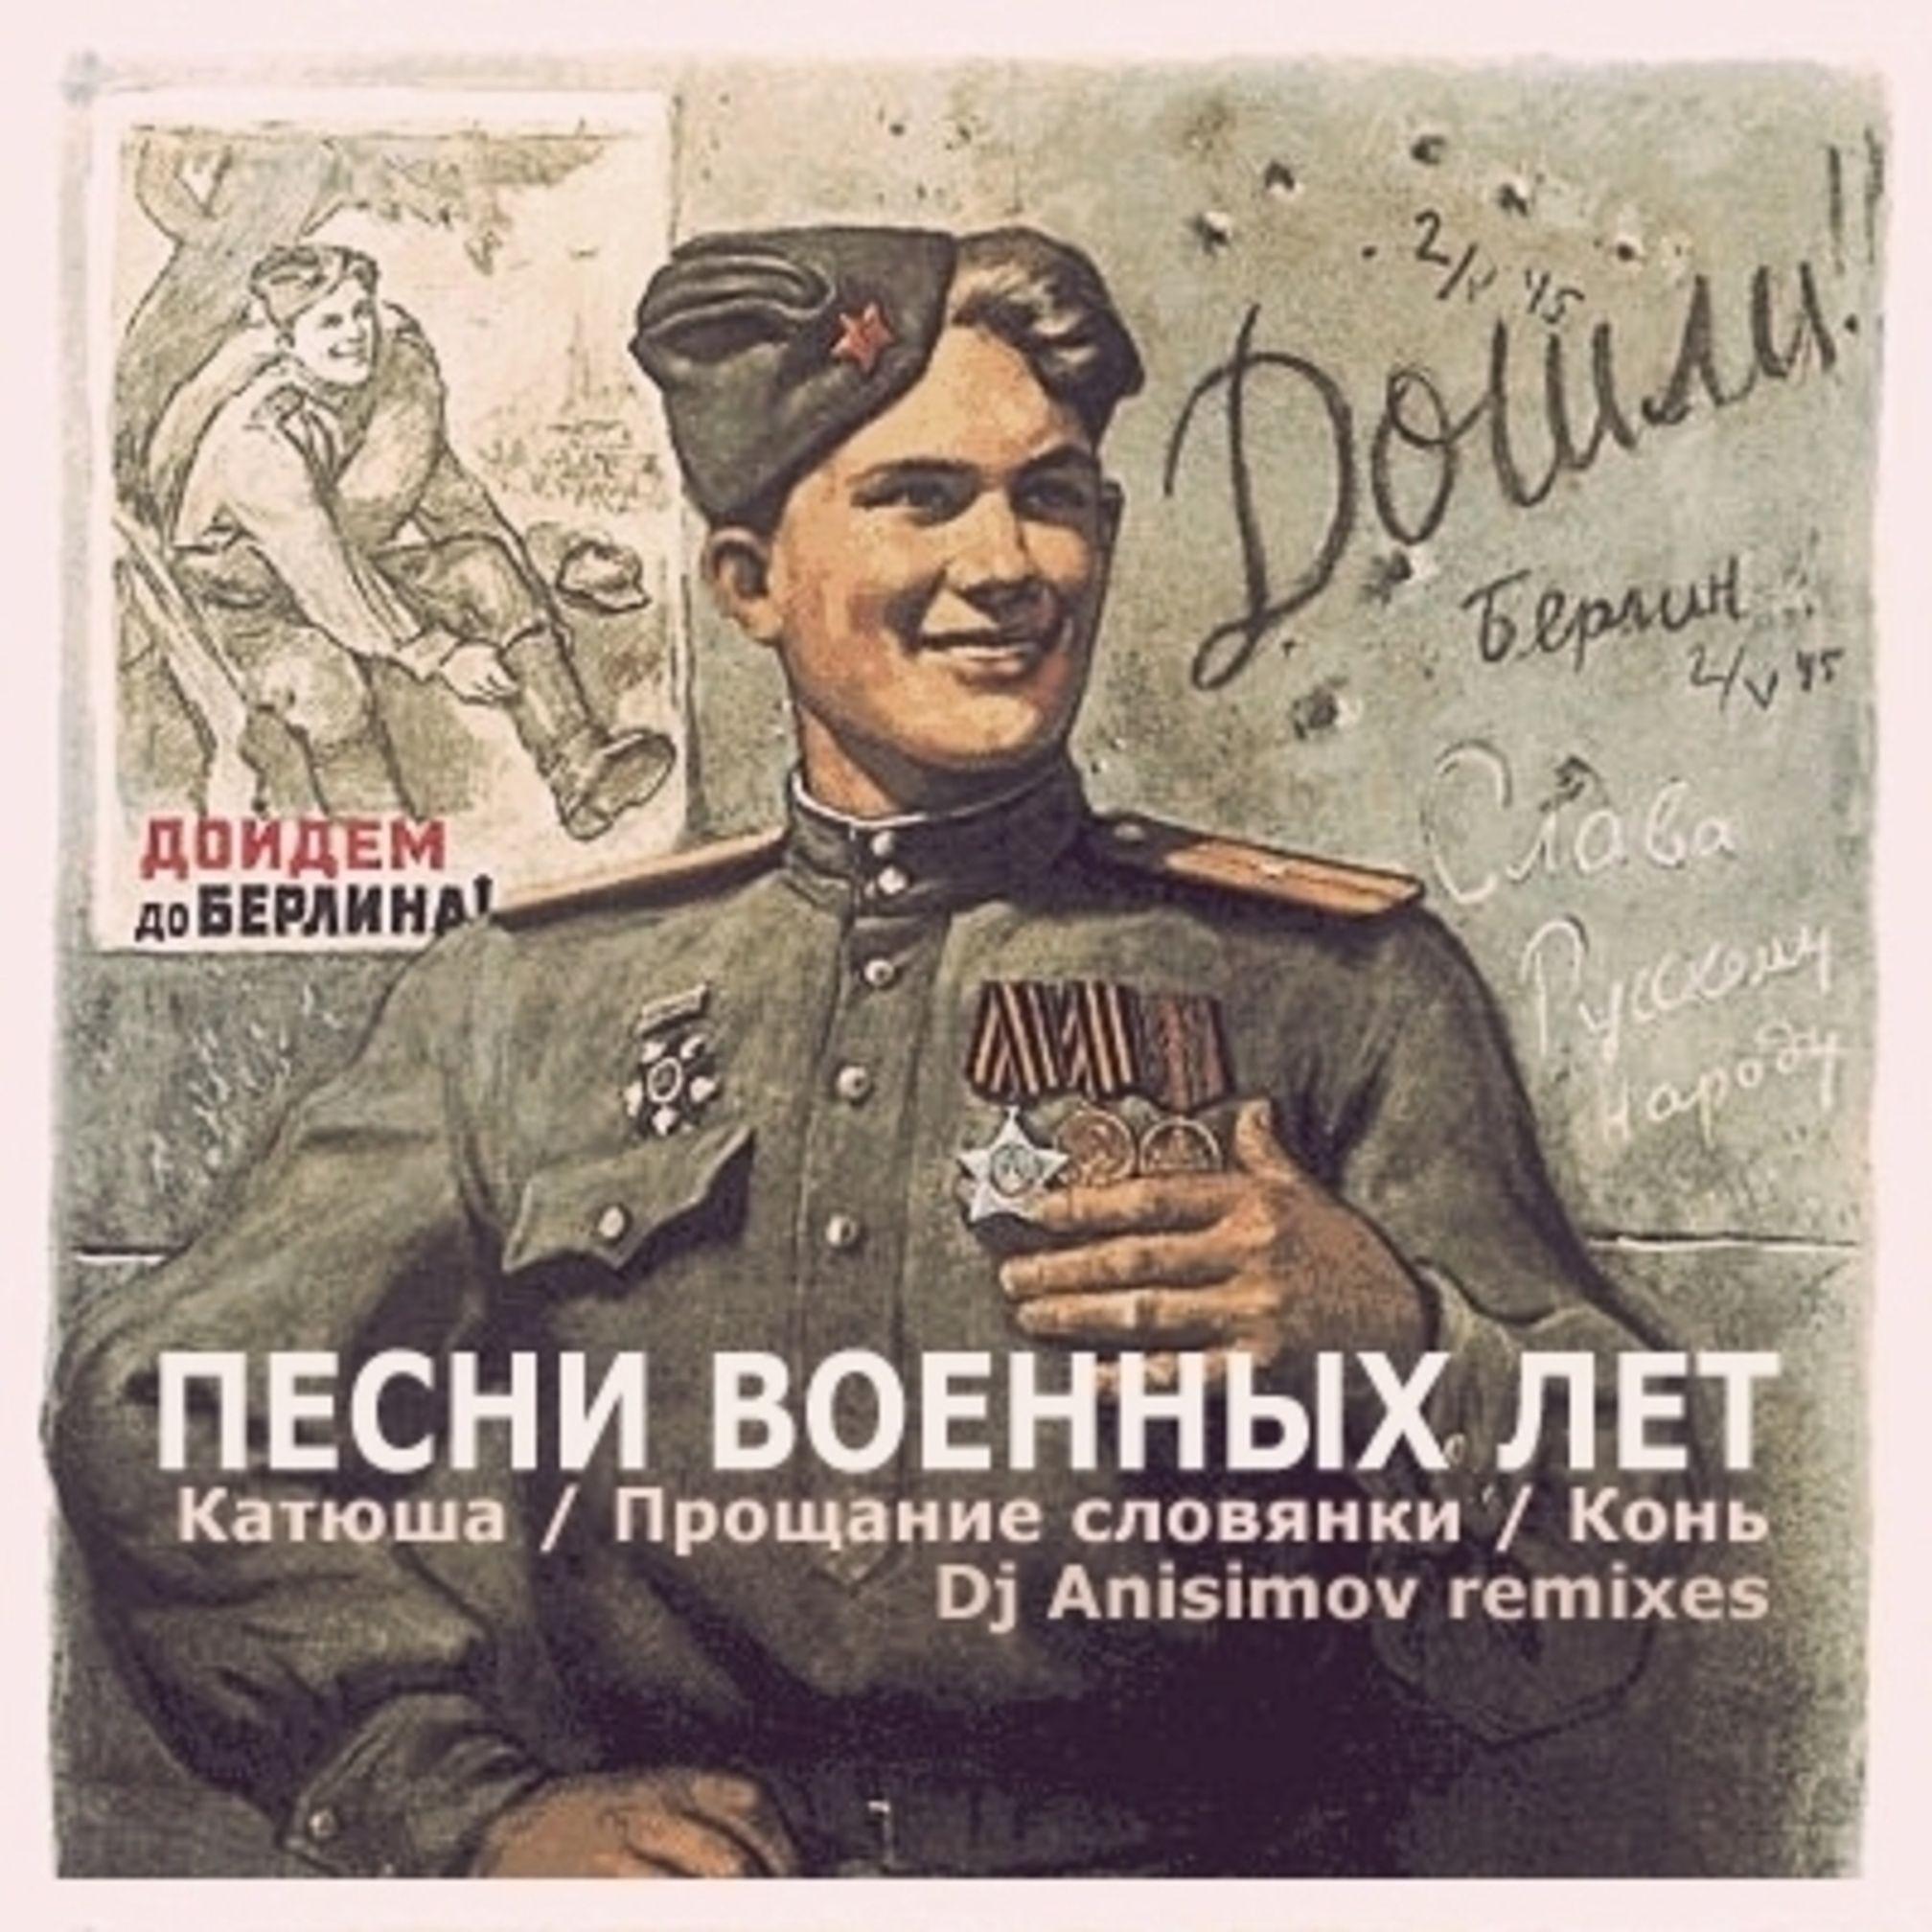 Открытки спб, открытка песни военных лет